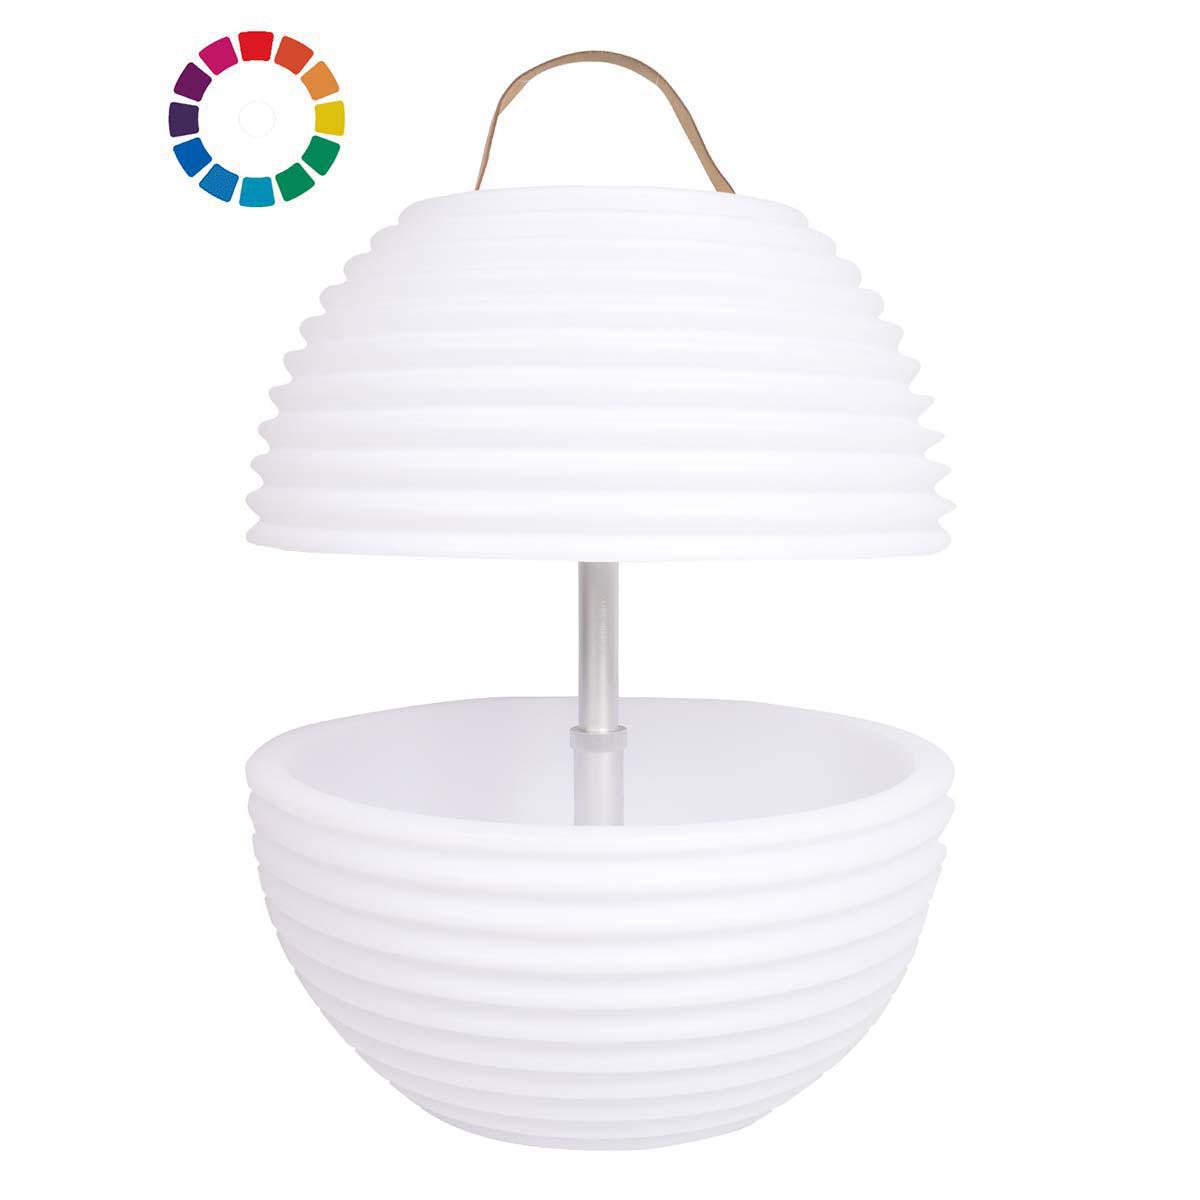 The.Bowl – Lampe med indbygget Bluetooth Højttaler & Vinkøler – Vandtæt – Hvid